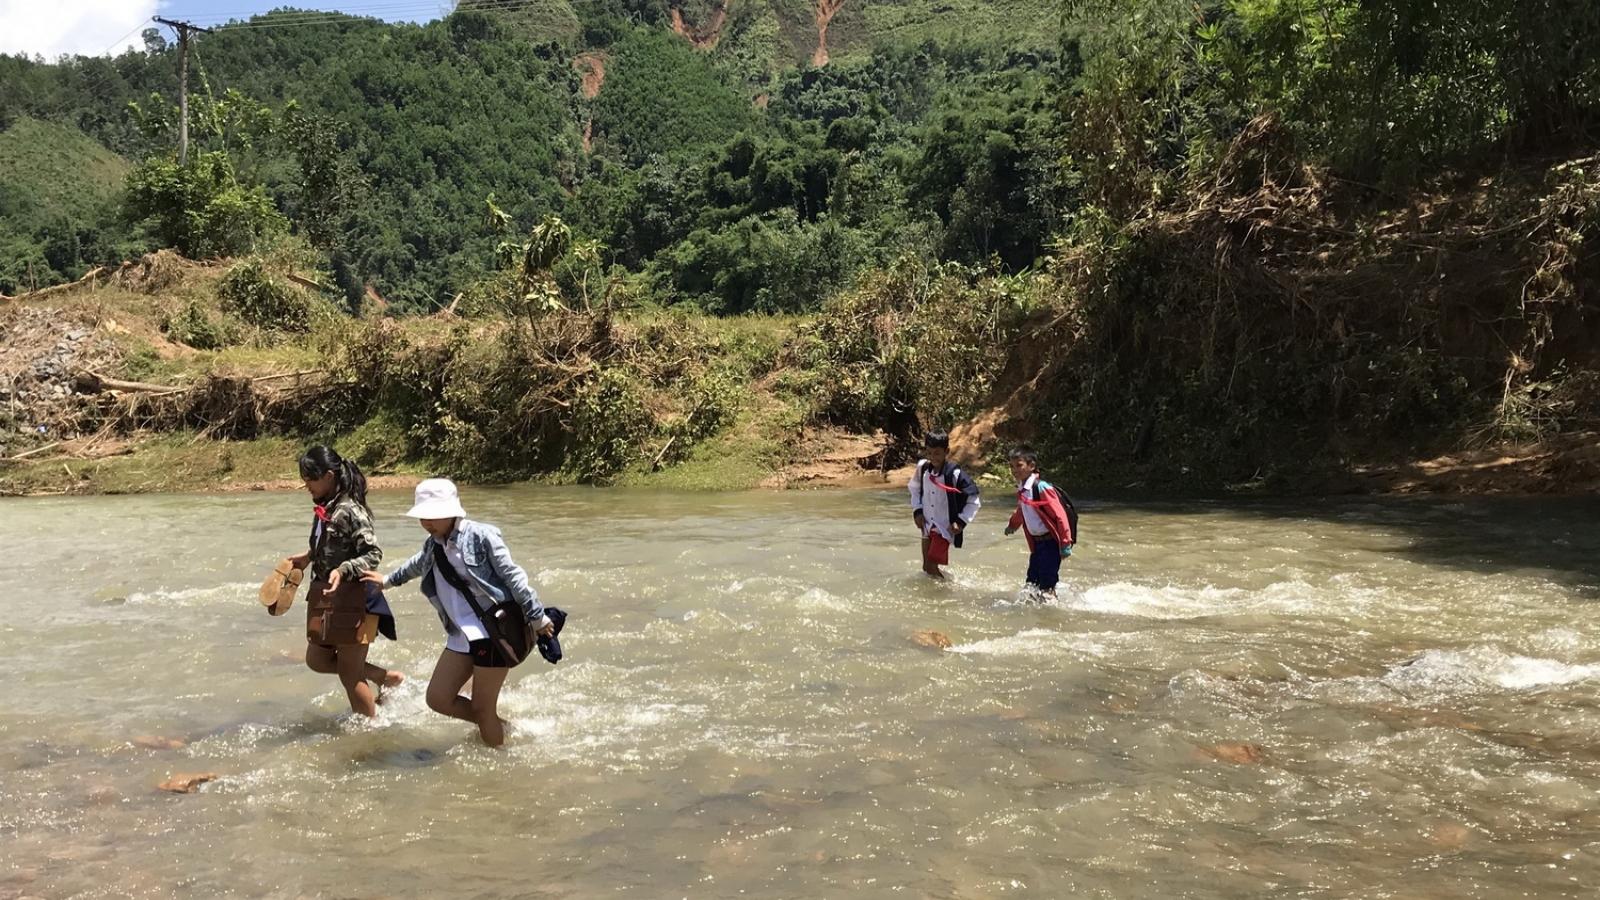 Quảng Nam dùng 12 tỷ đồng Đà Nẵng ủng hộ để làm lại cầu treo vừa bị lũ cuốn